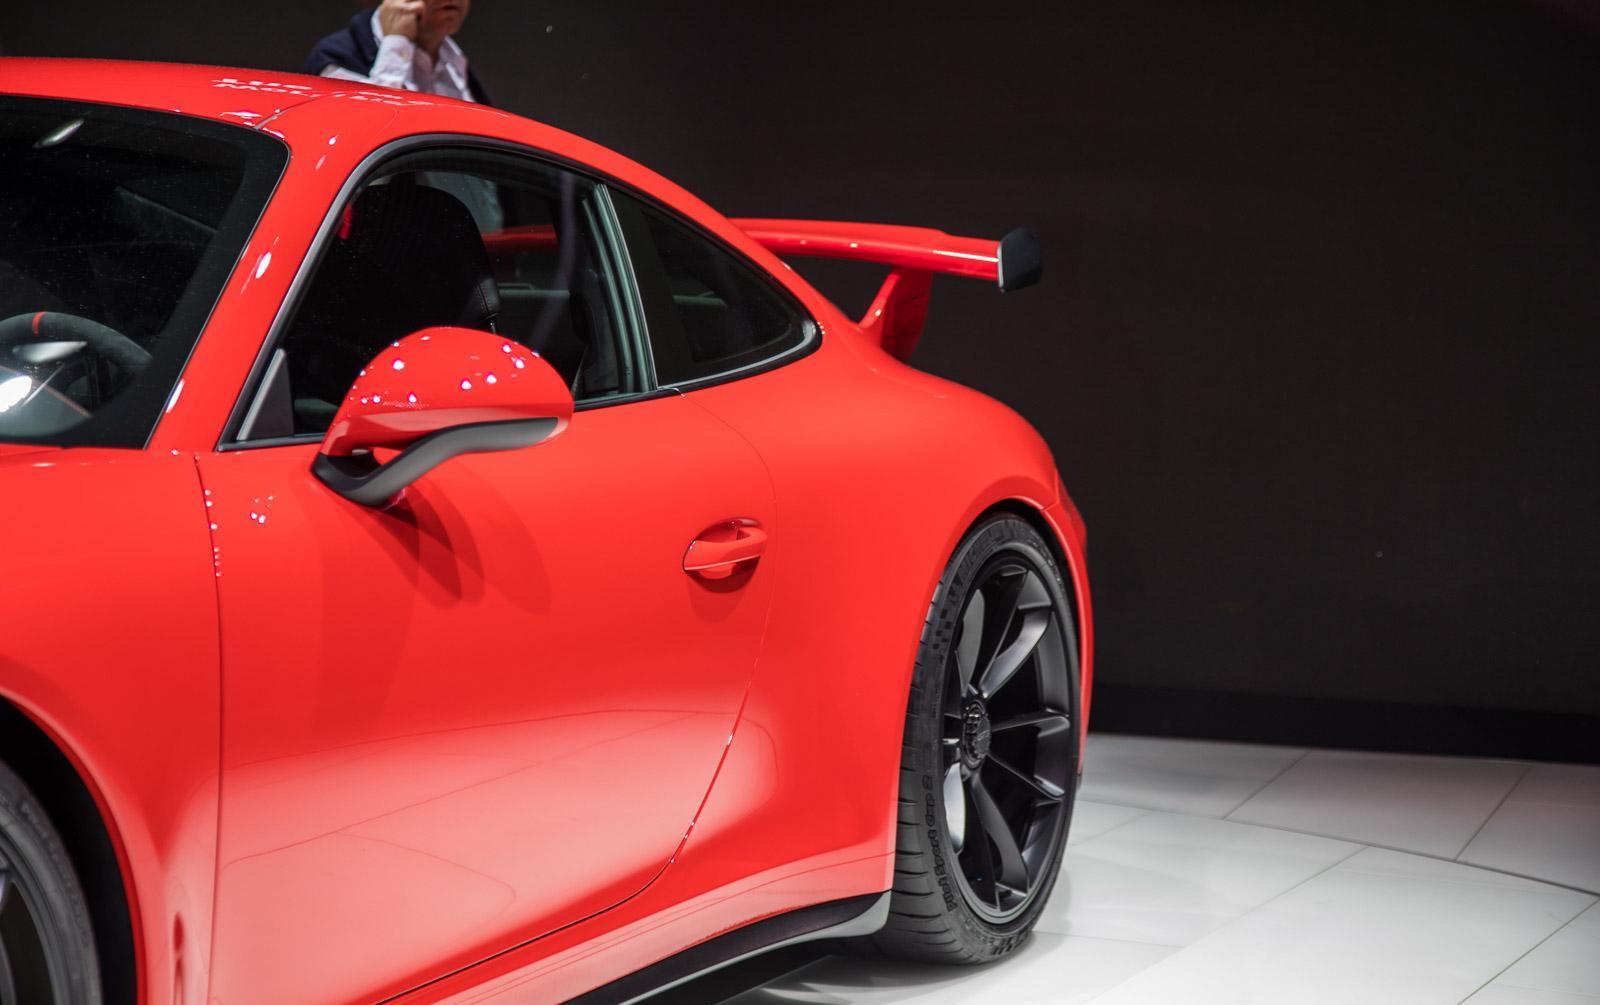 Porsche-911-gt3-facelift-006